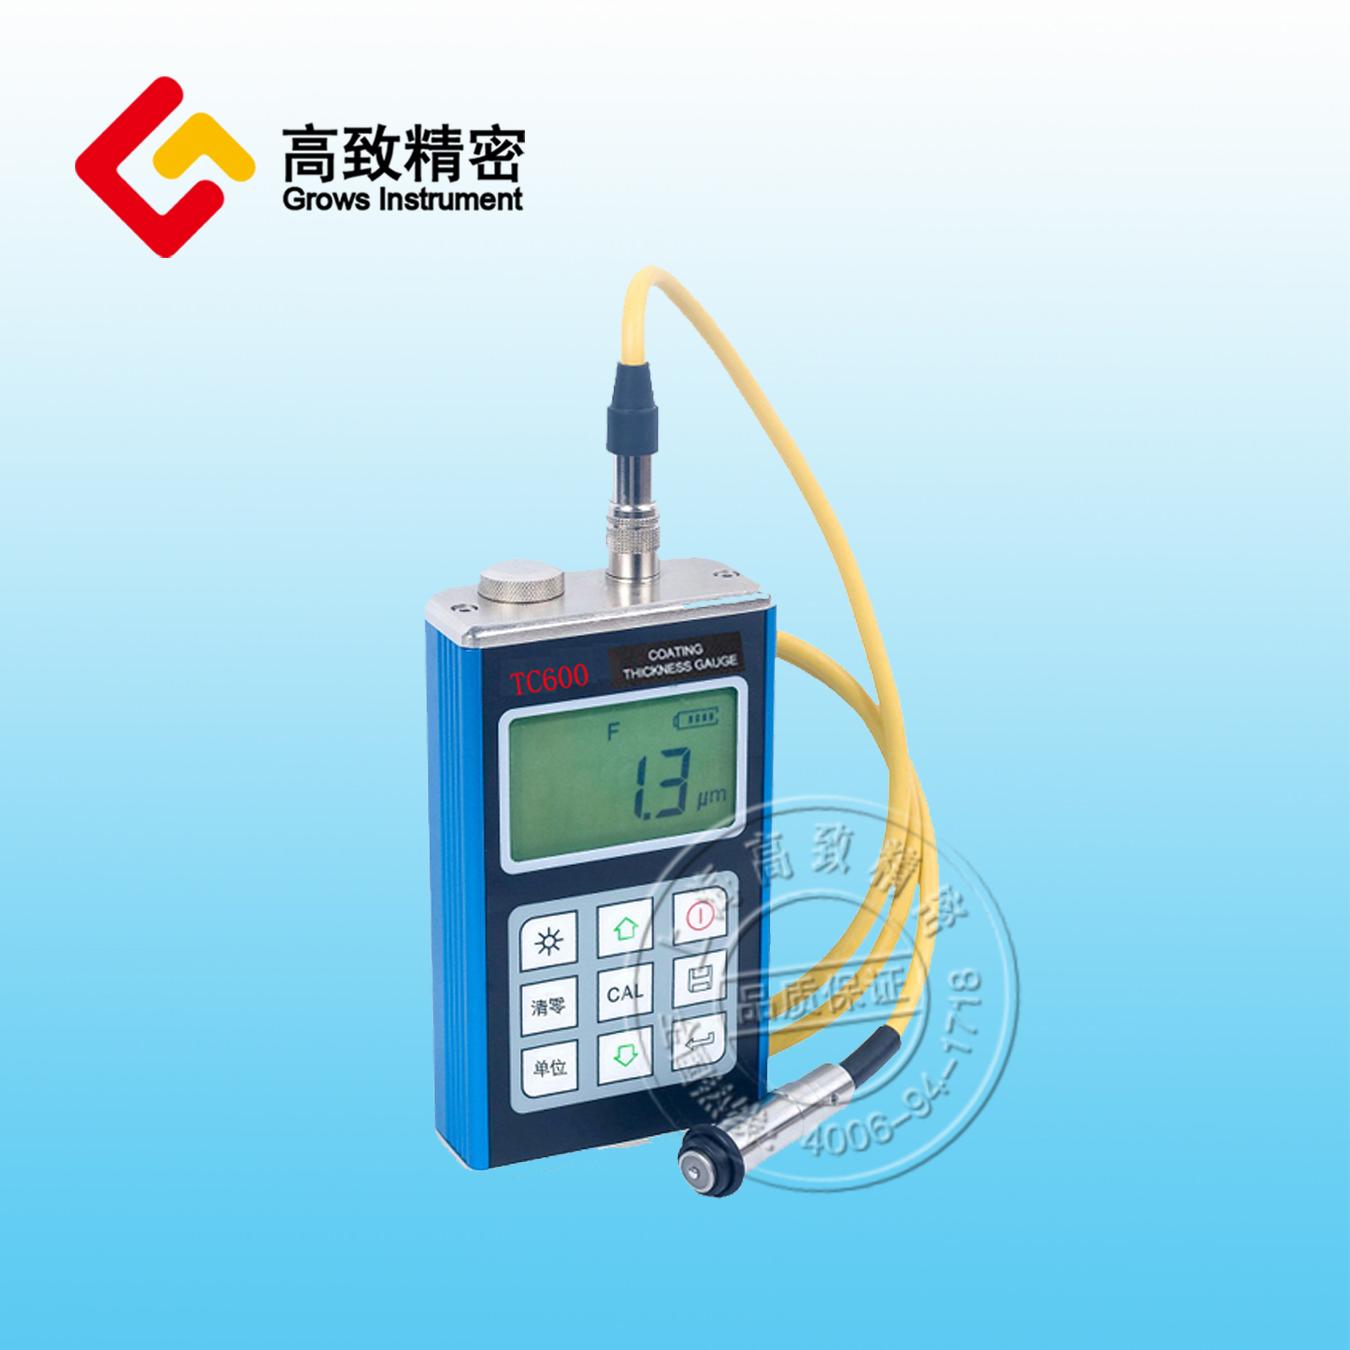 高品质涂层测厚仪TC600